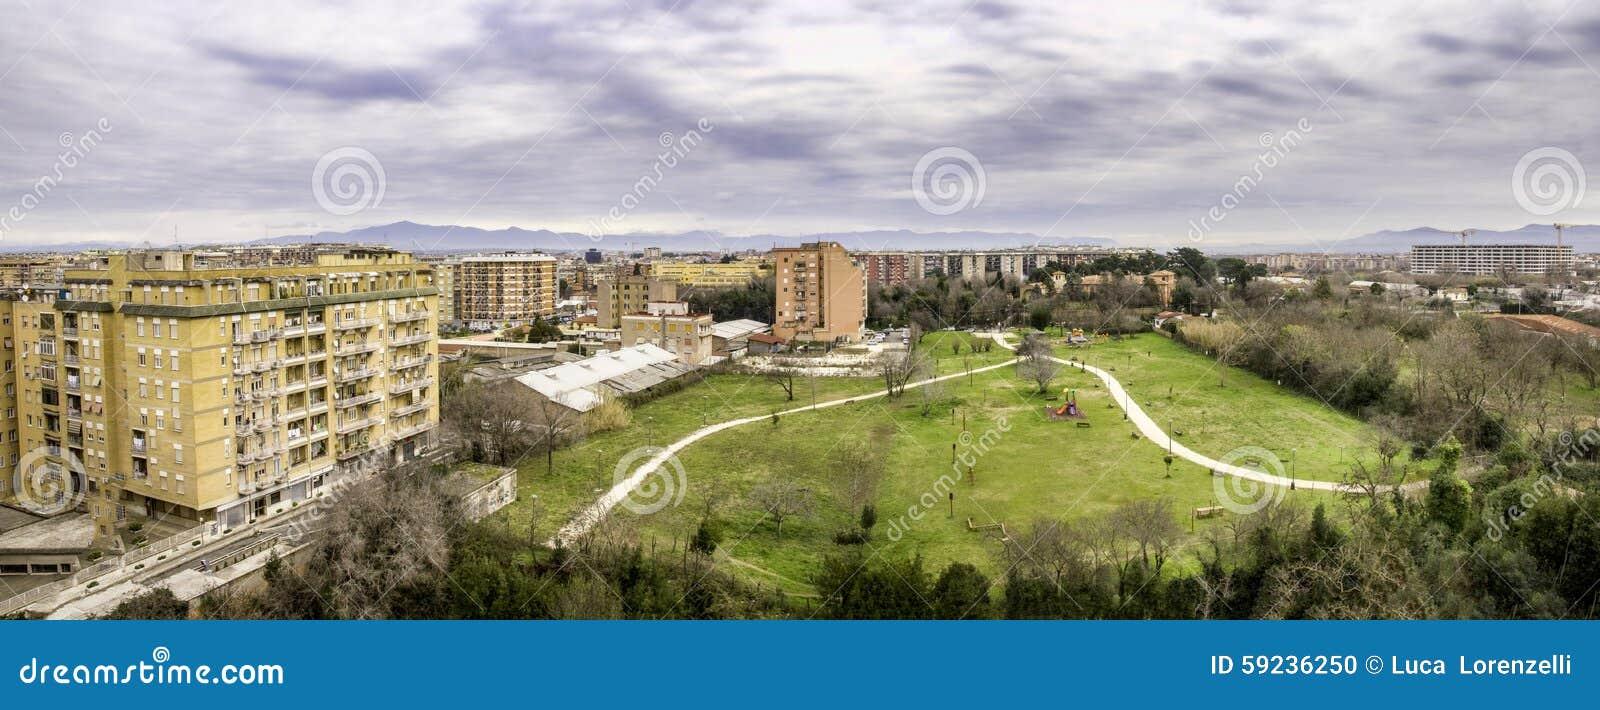 Download Jardín Público De La Visión Aérea Y Suburbio De La Vivienda De Roma Foto de archivo - Imagen de italia, paisaje: 59236250